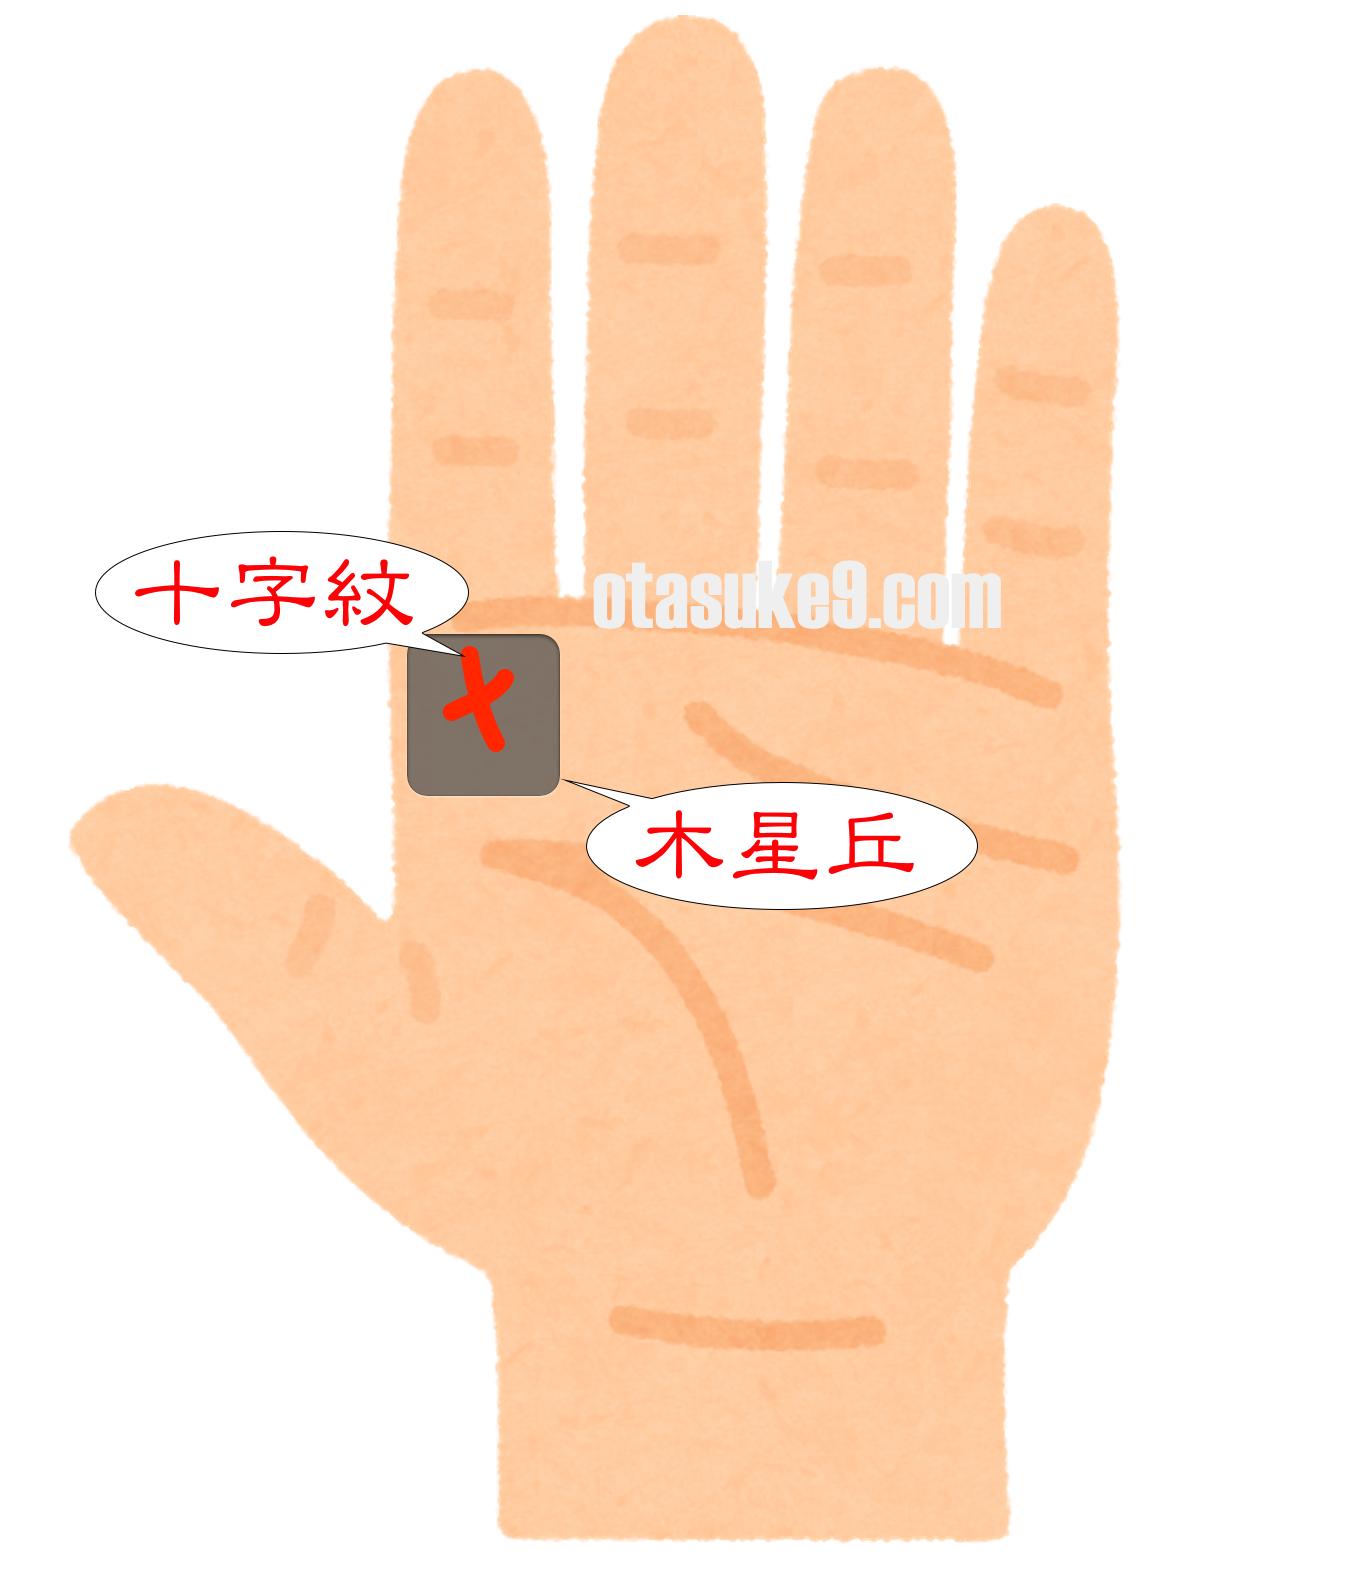 人差し指の下の十字紋